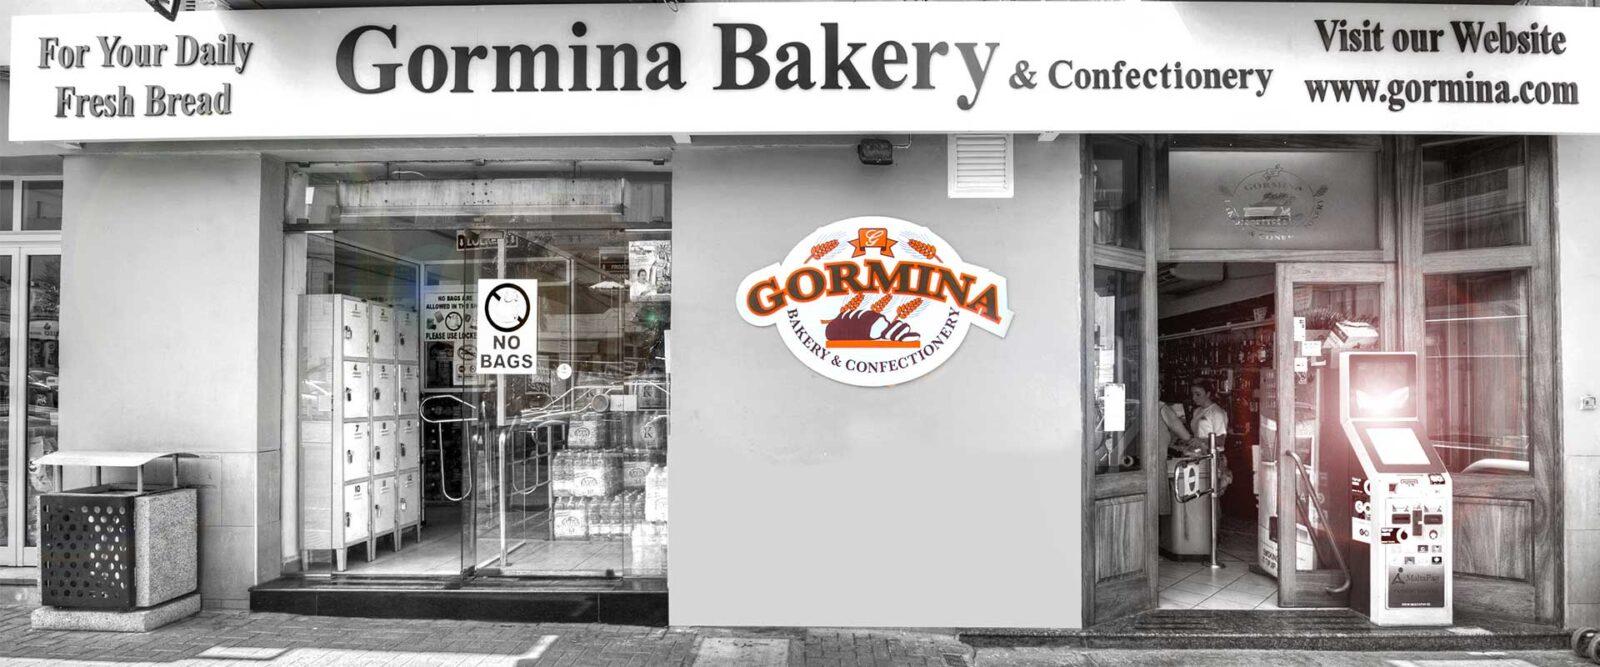 Gormina Bakery